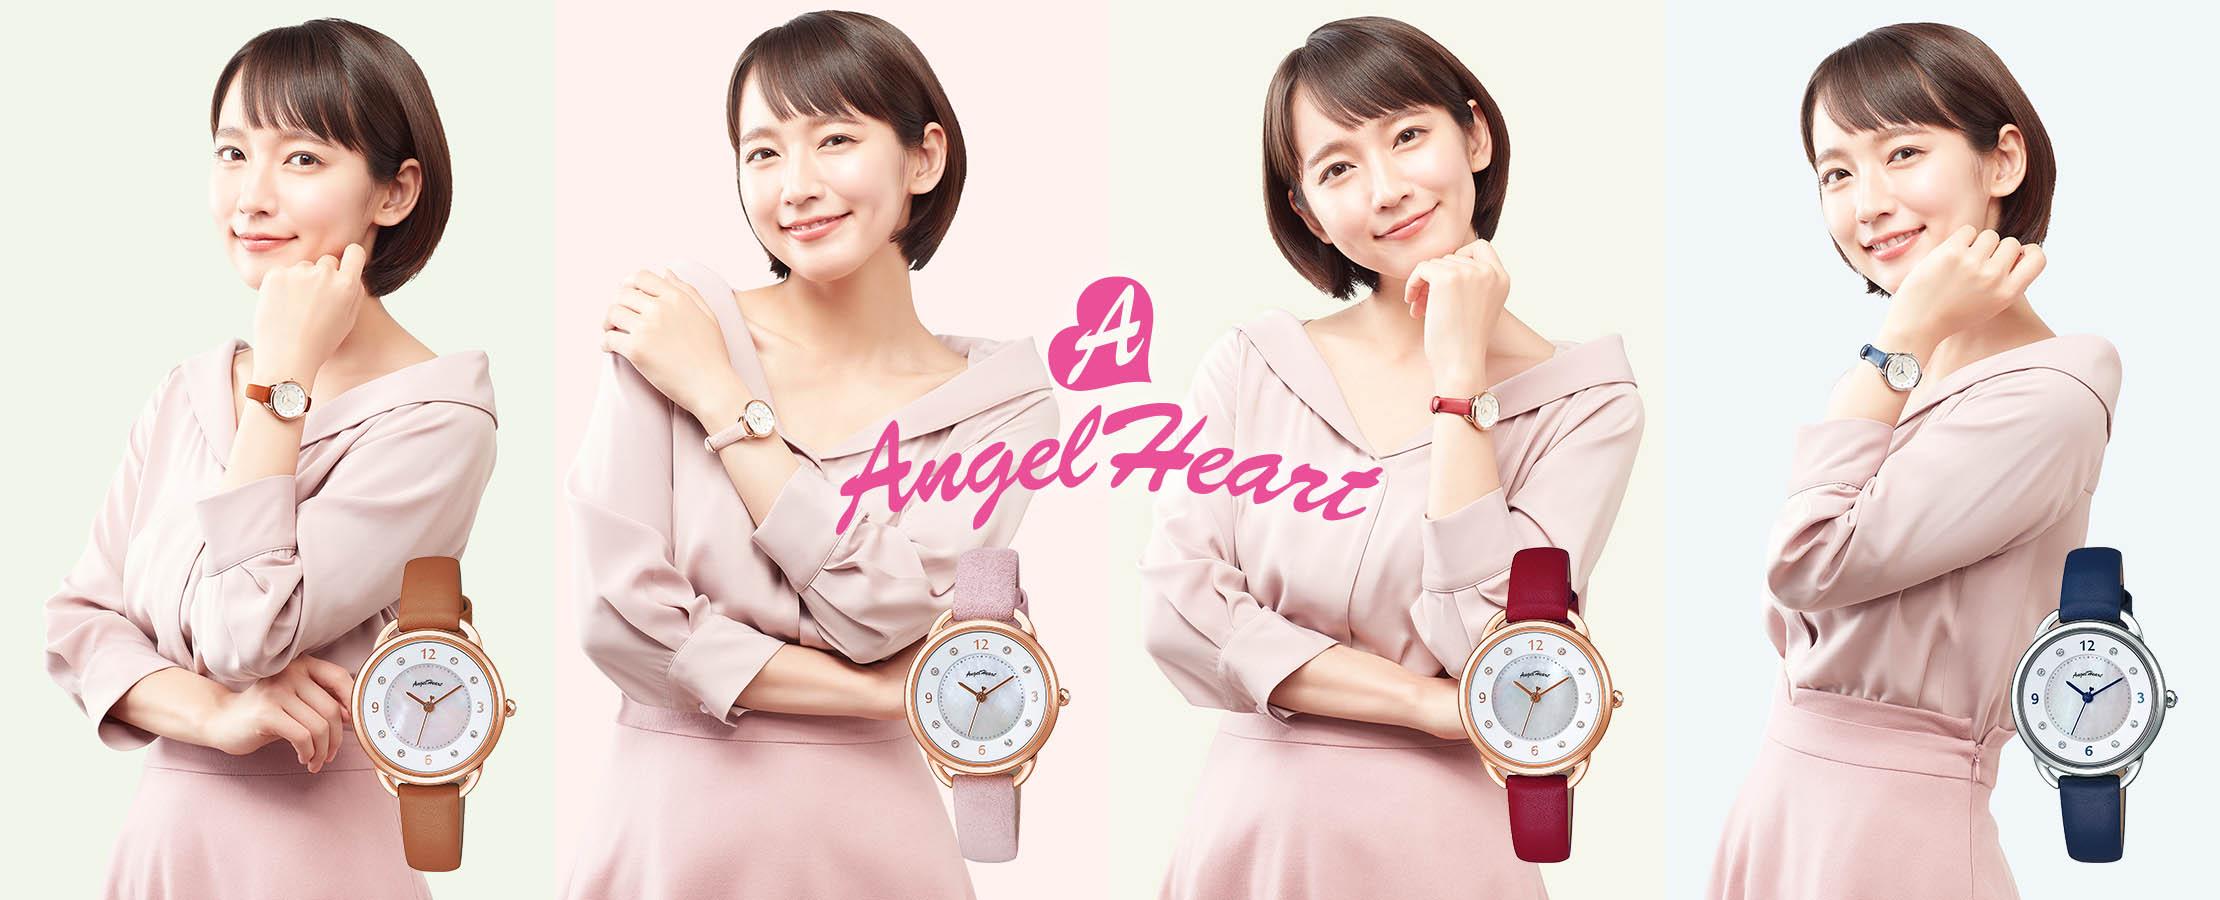 吉岡里帆コラボウォッチ・Angel Heart(エンジェルハート)・Riho Yoshioka Collaboration